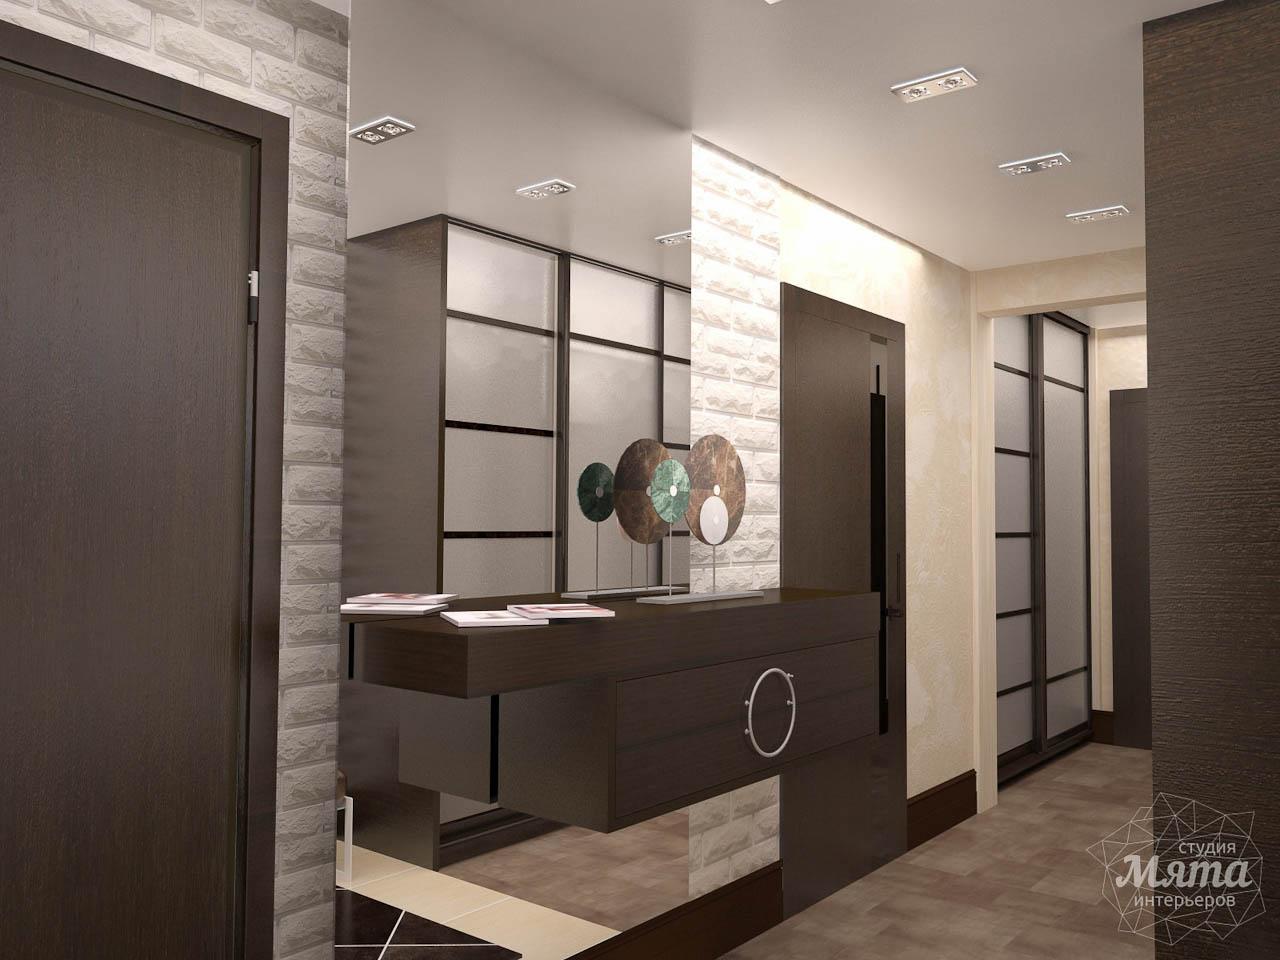 Дизайн интерьера трехкомнатной квартиры по ул. Белинского 222 img229824129